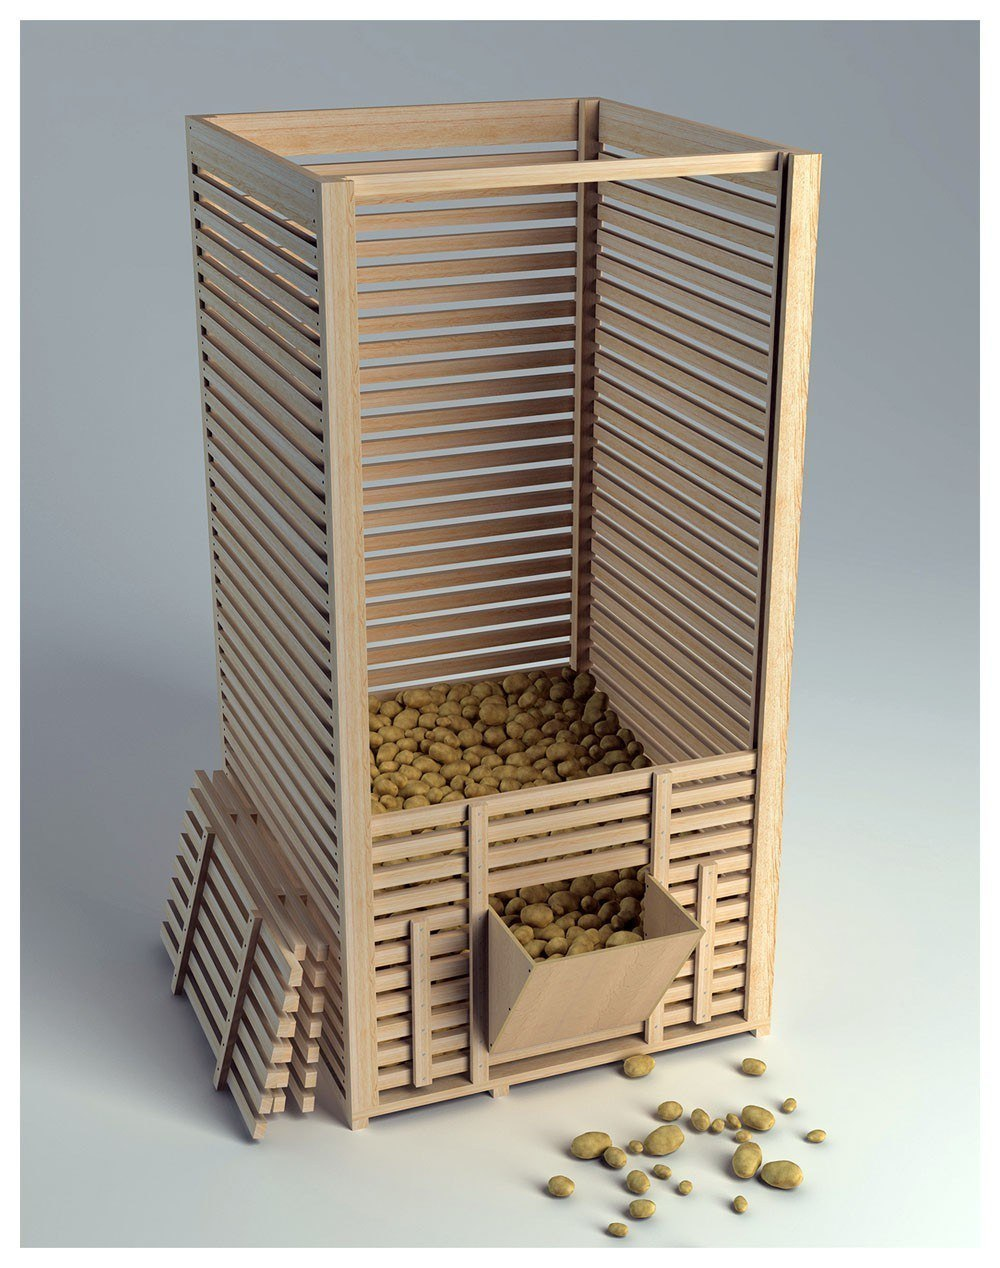 Высокий ящик для хранения картофеля в погребе можно сделать .